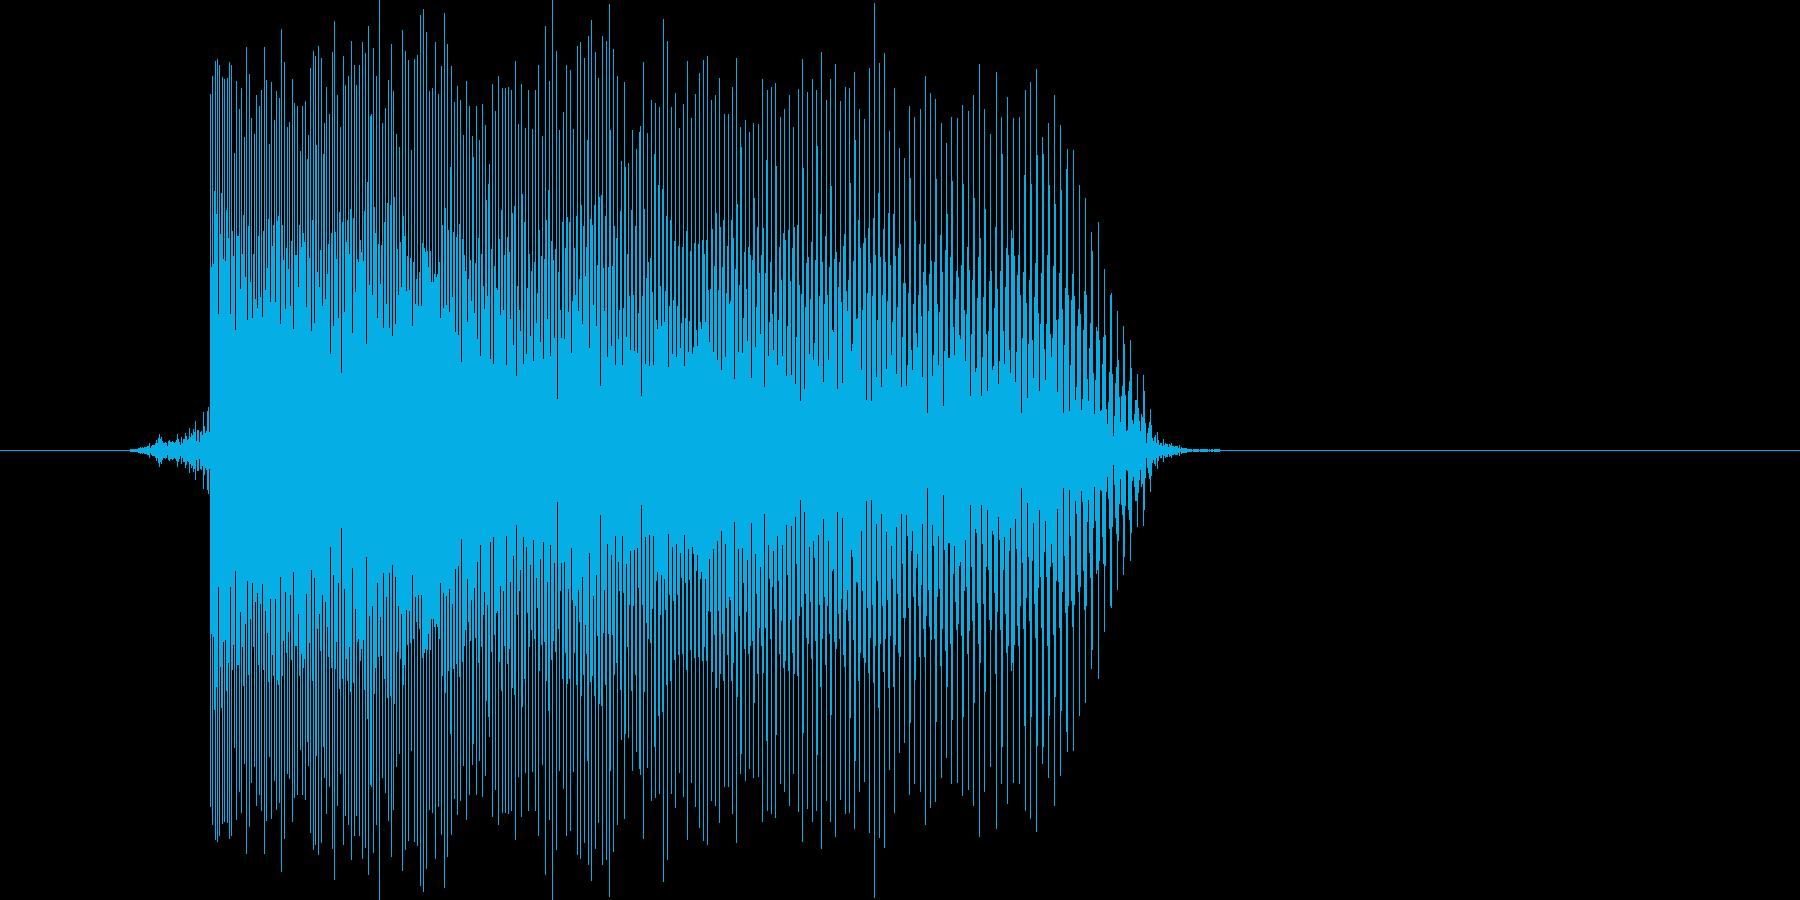 ゲーム(ファミコン風)レーザー音_016の再生済みの波形